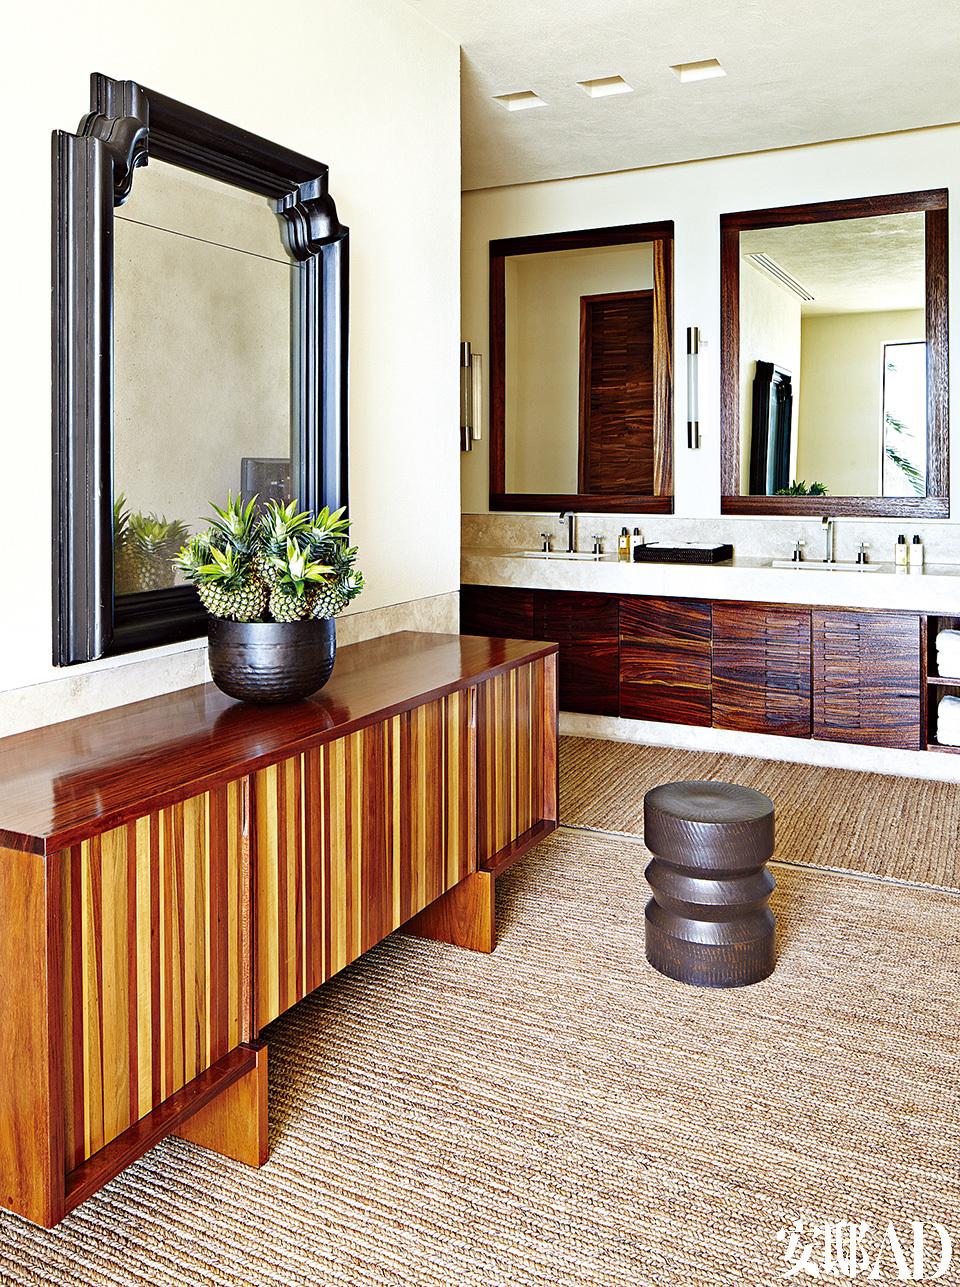 克鲁尼的主浴室中安放着Urban Archaeology的香薰蜡烛和Waterworks的卫浴设备。边柜由Marcenaria Sâo Paulo设计,坐凳来自Tucker Robbins,而The NaturalCarpet Co.的地毯则带来一丝自然风情。